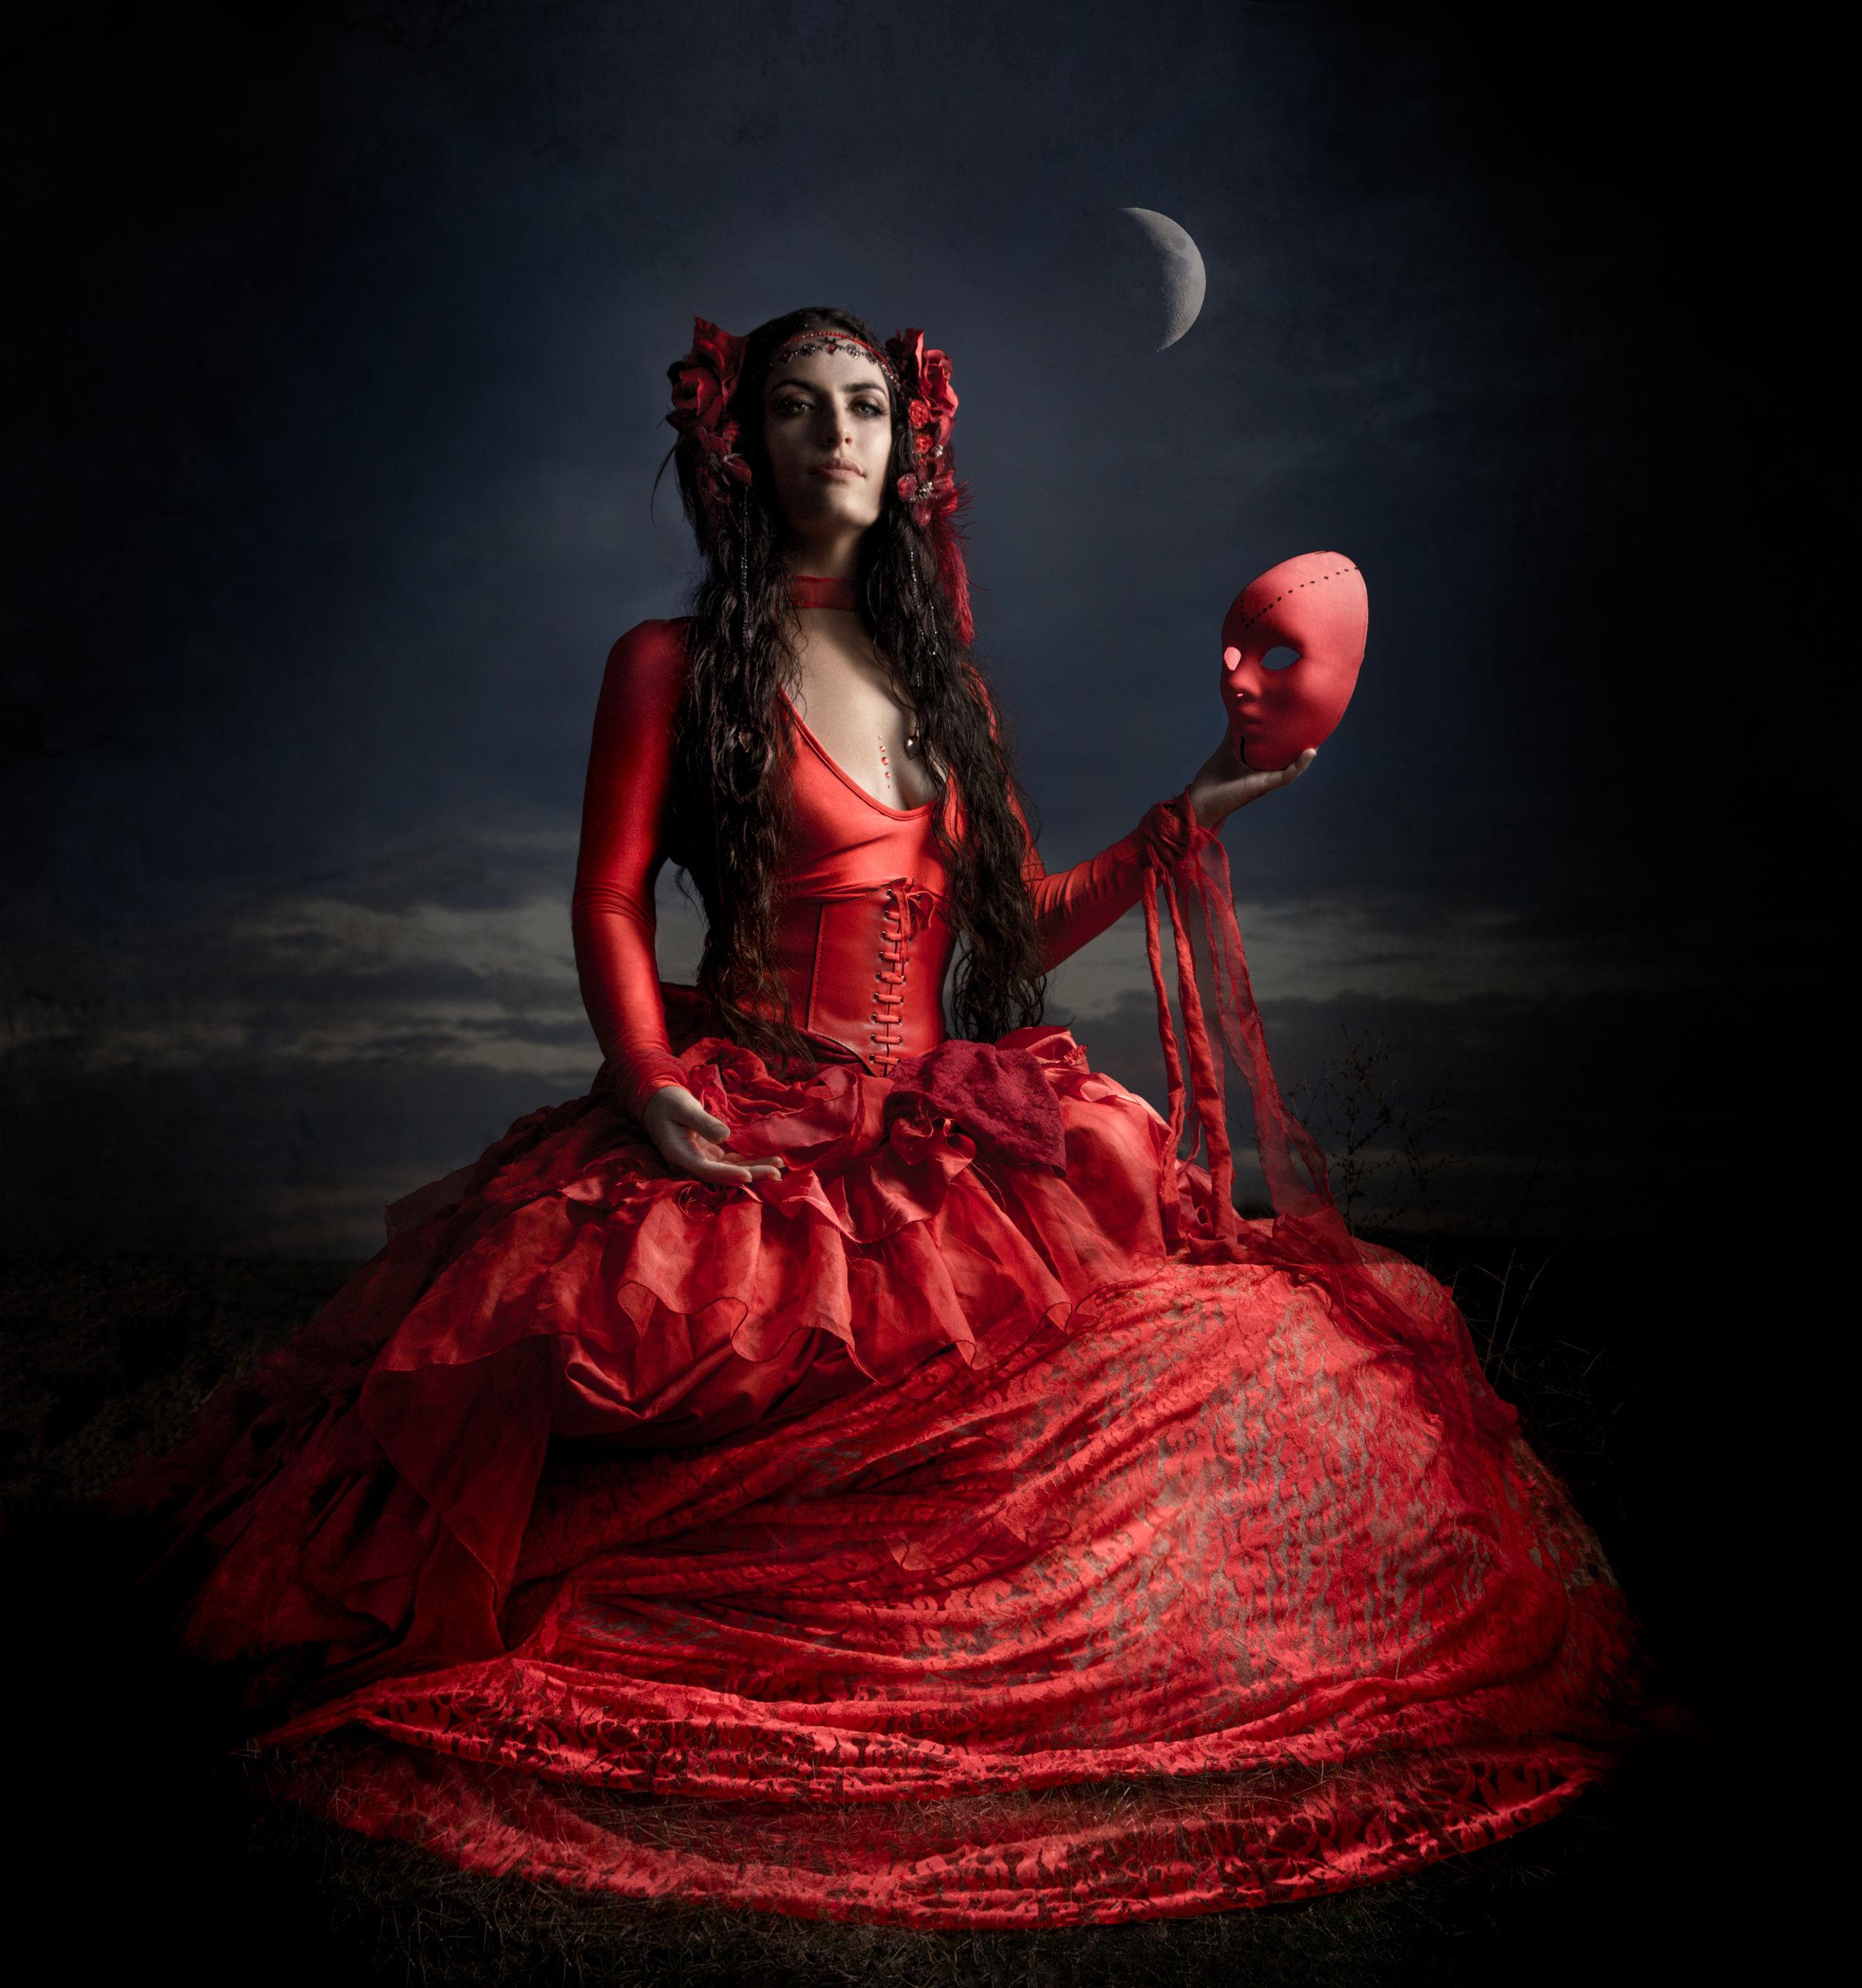 marya_stark_mask_theater_storytelling_red_queen_persephone_ishtar.jpg